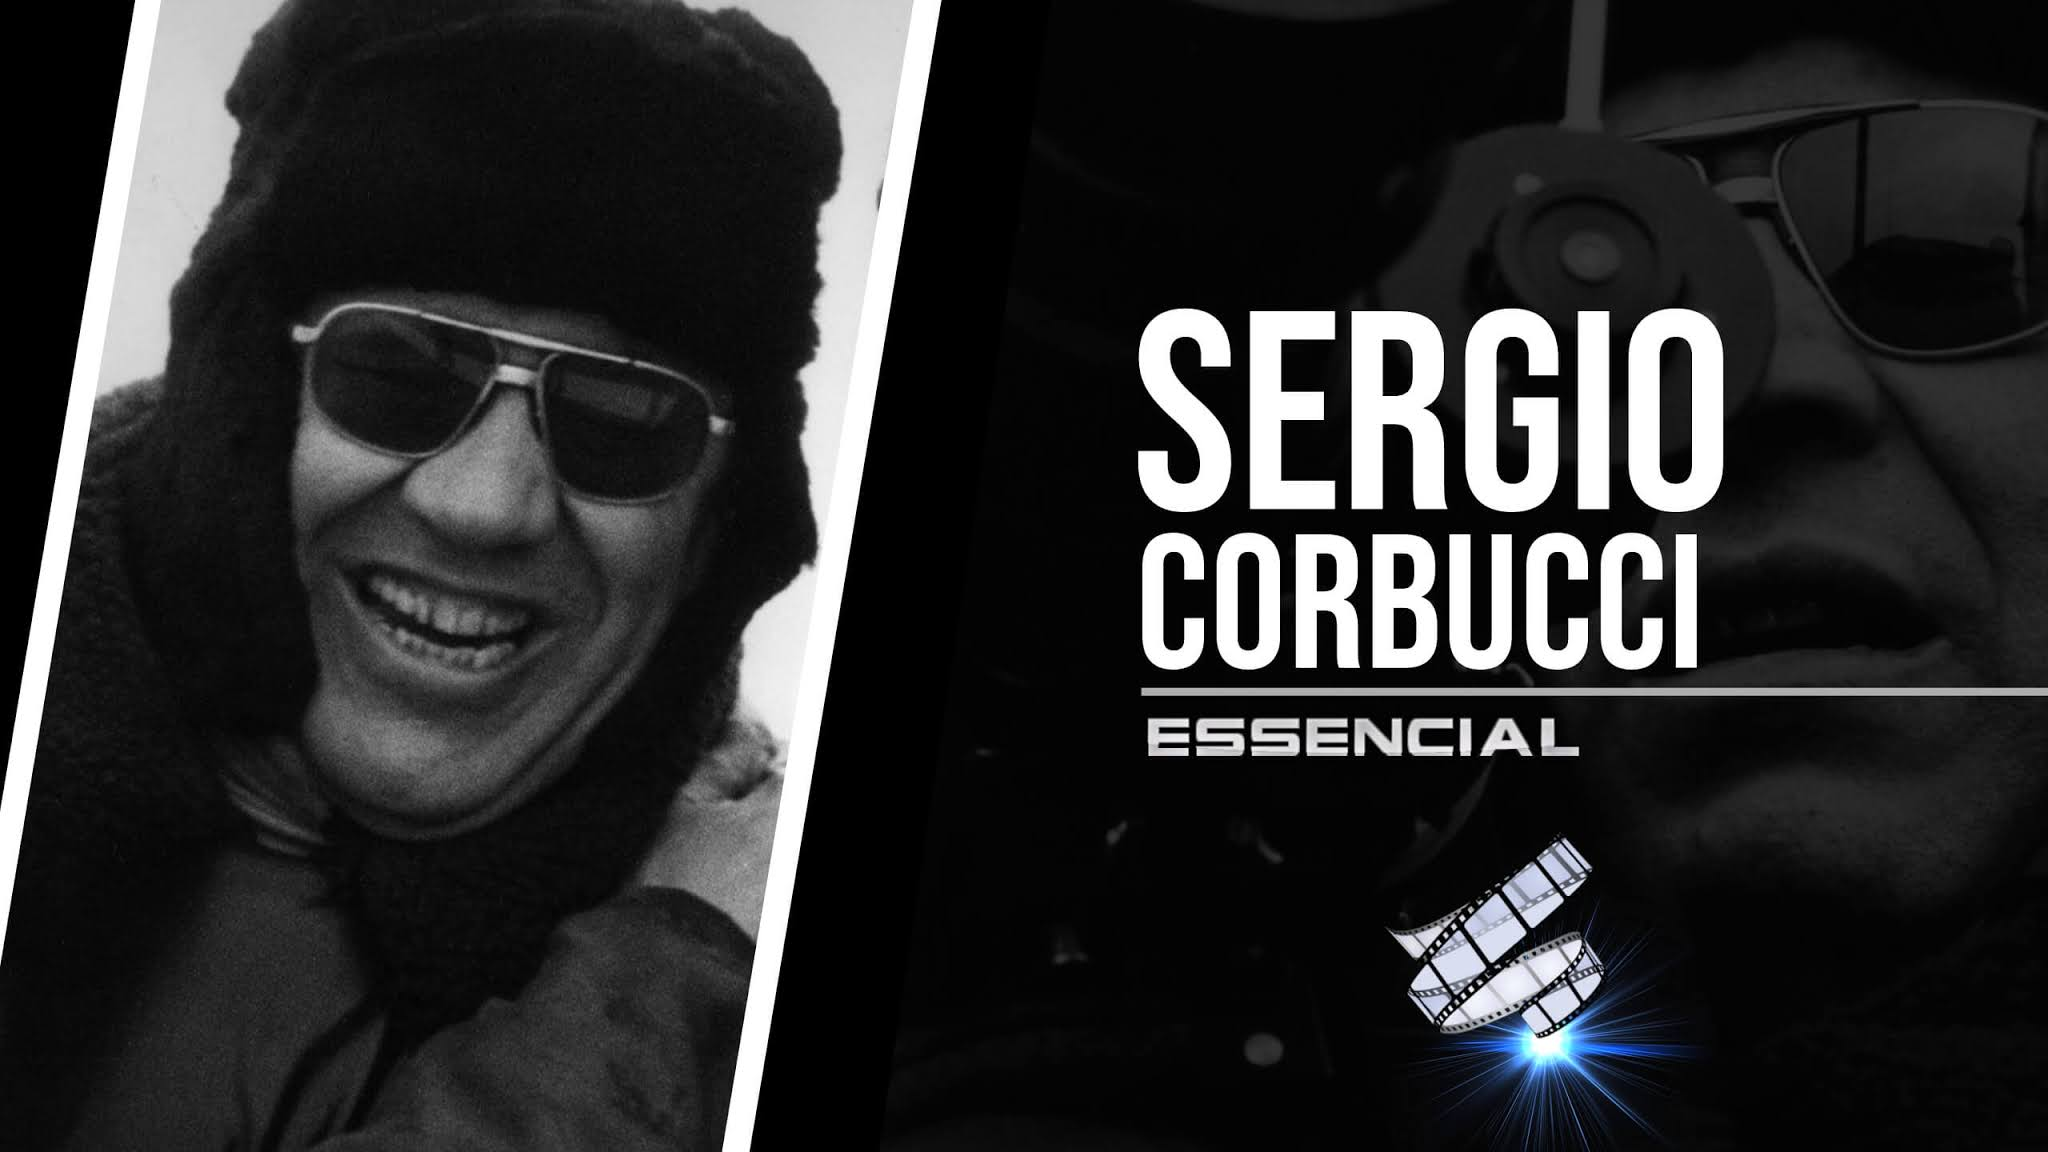 sergio-corbucci-10-filmes-essenciais